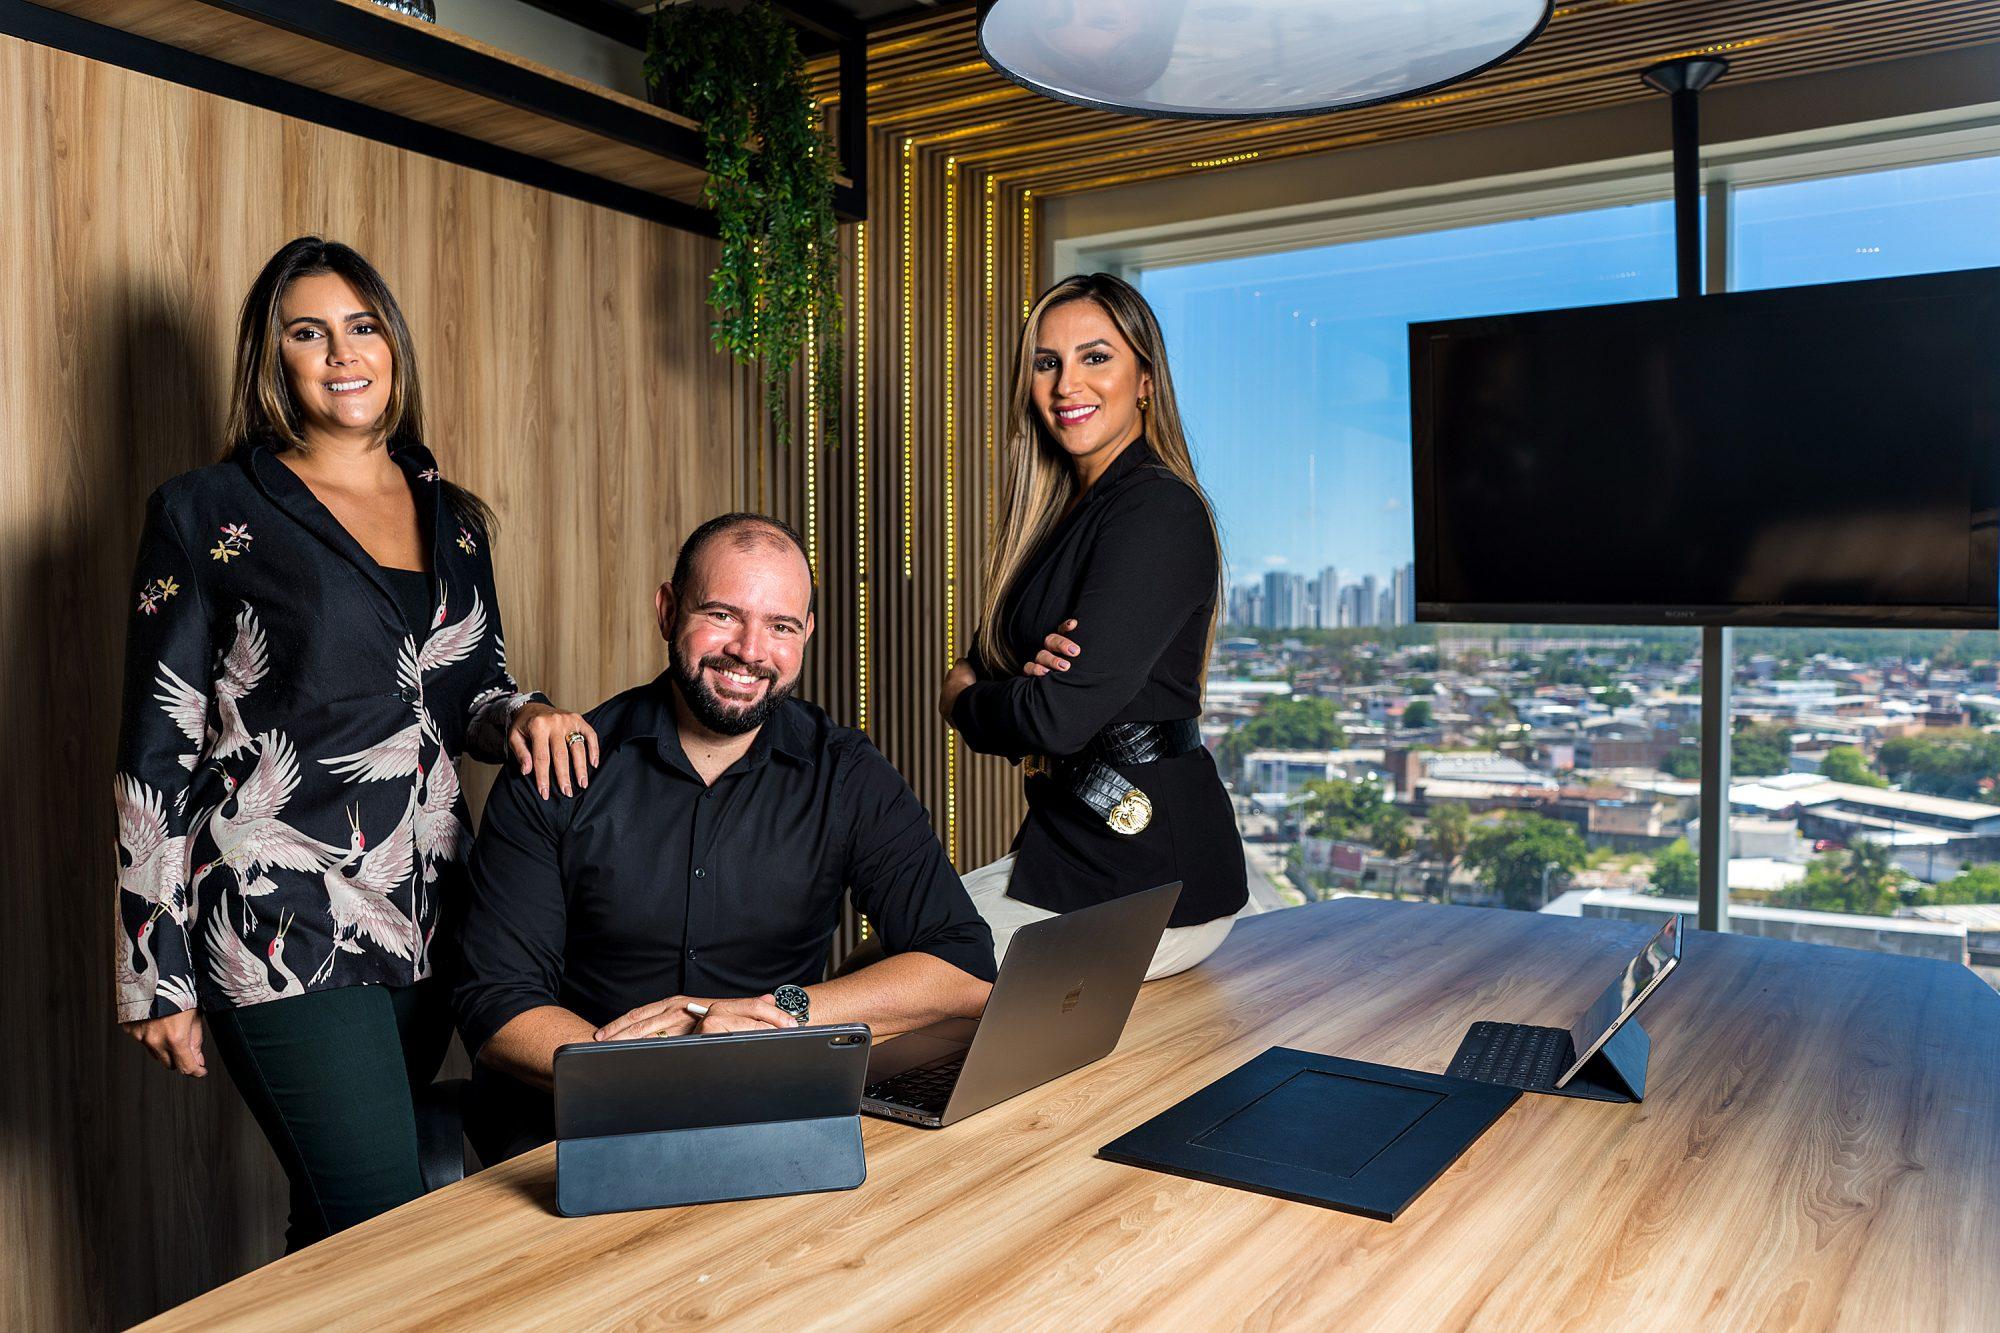 Empresários se unem para lançar solução em tecnologia para ampliar negócios do mercado de casamento